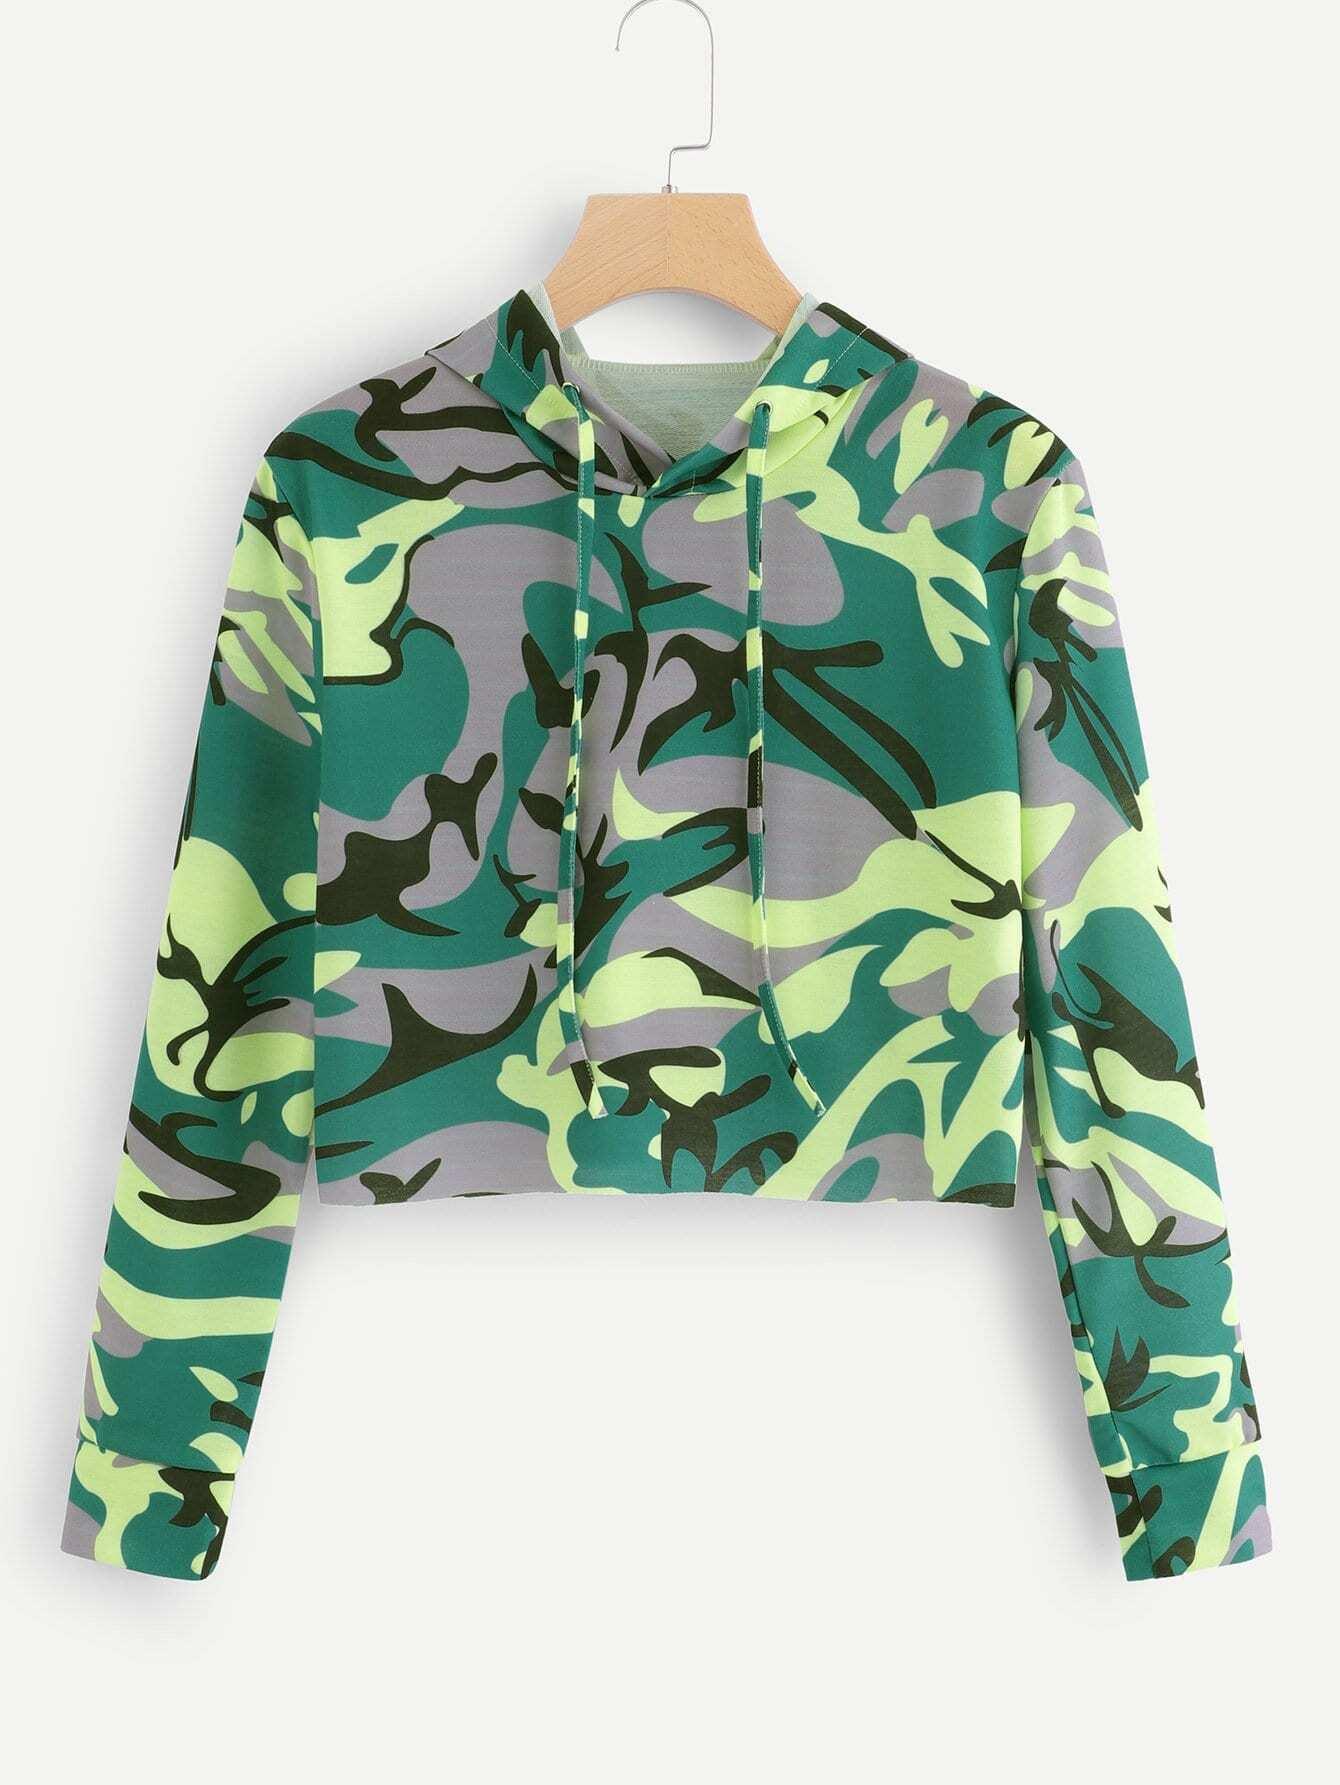 Повседневный Камуфляж на кулиске Пуловеры Многоцветный Свитшоты